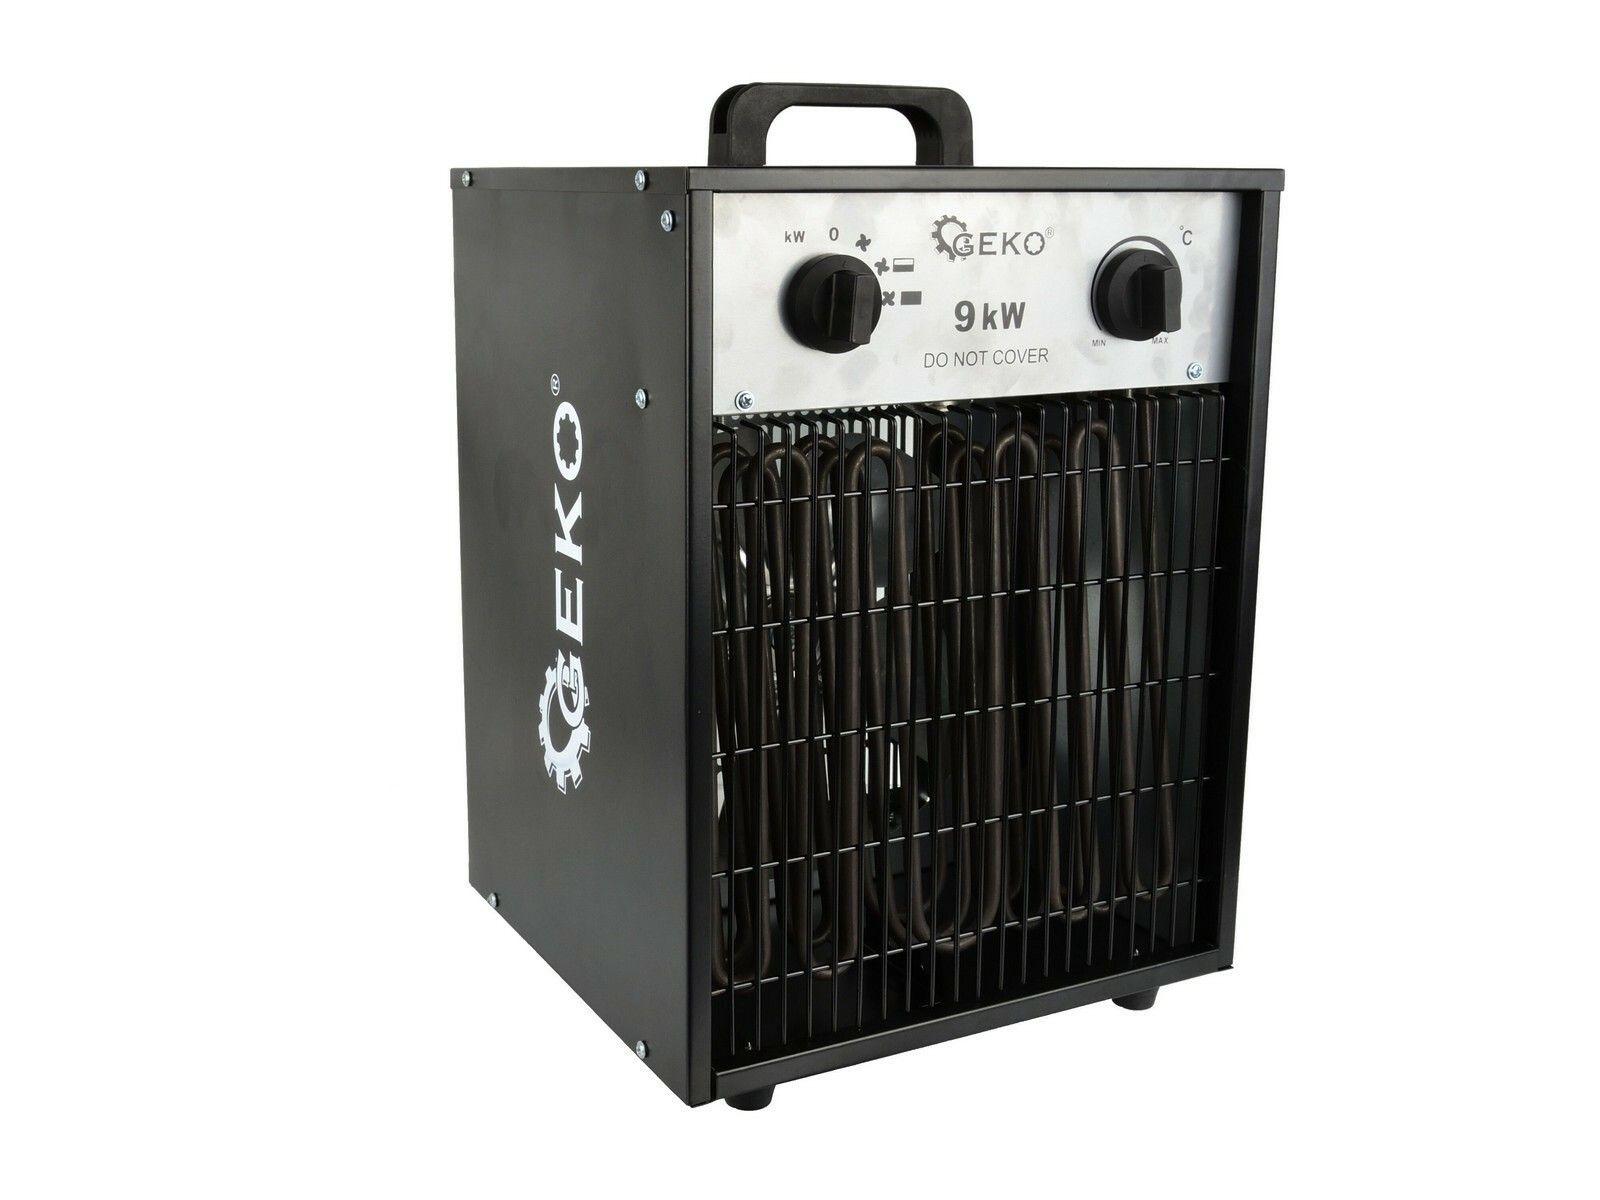 Elektrický ohřívač vzduchu s ventilátorem 9kW GEKO